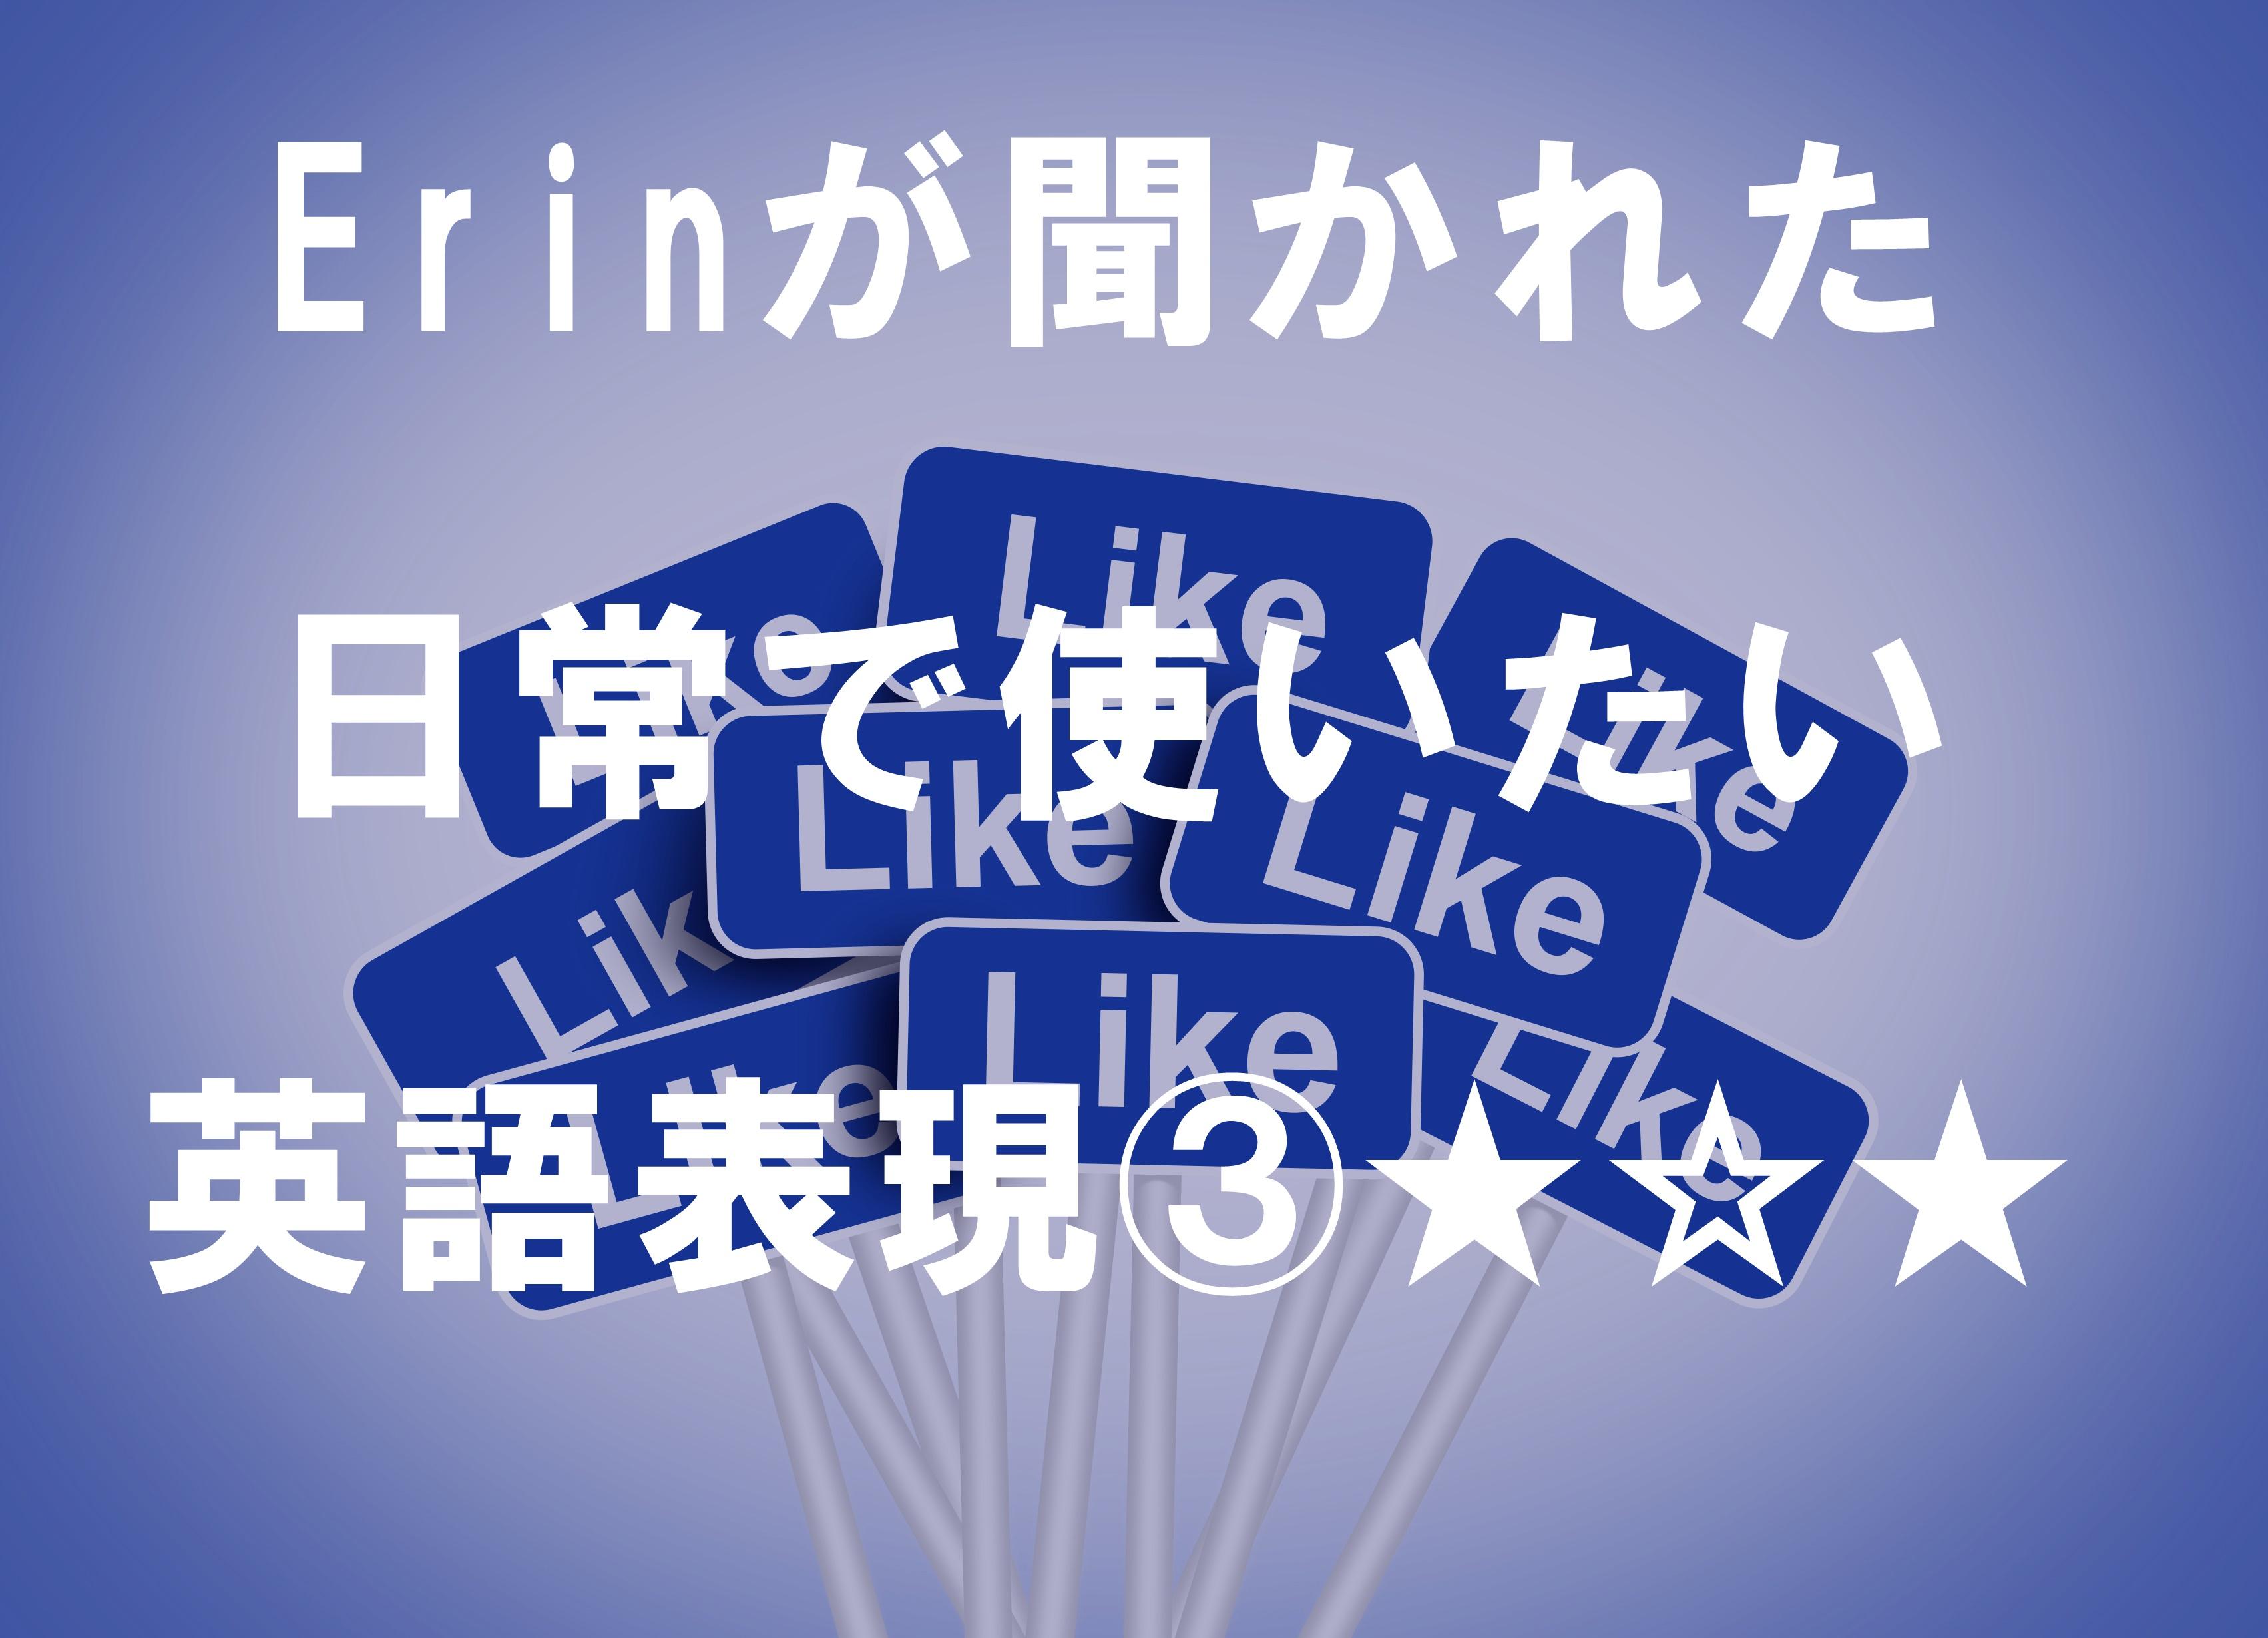 Erinが聞かれた日常で使いたい英語表現③★☆★